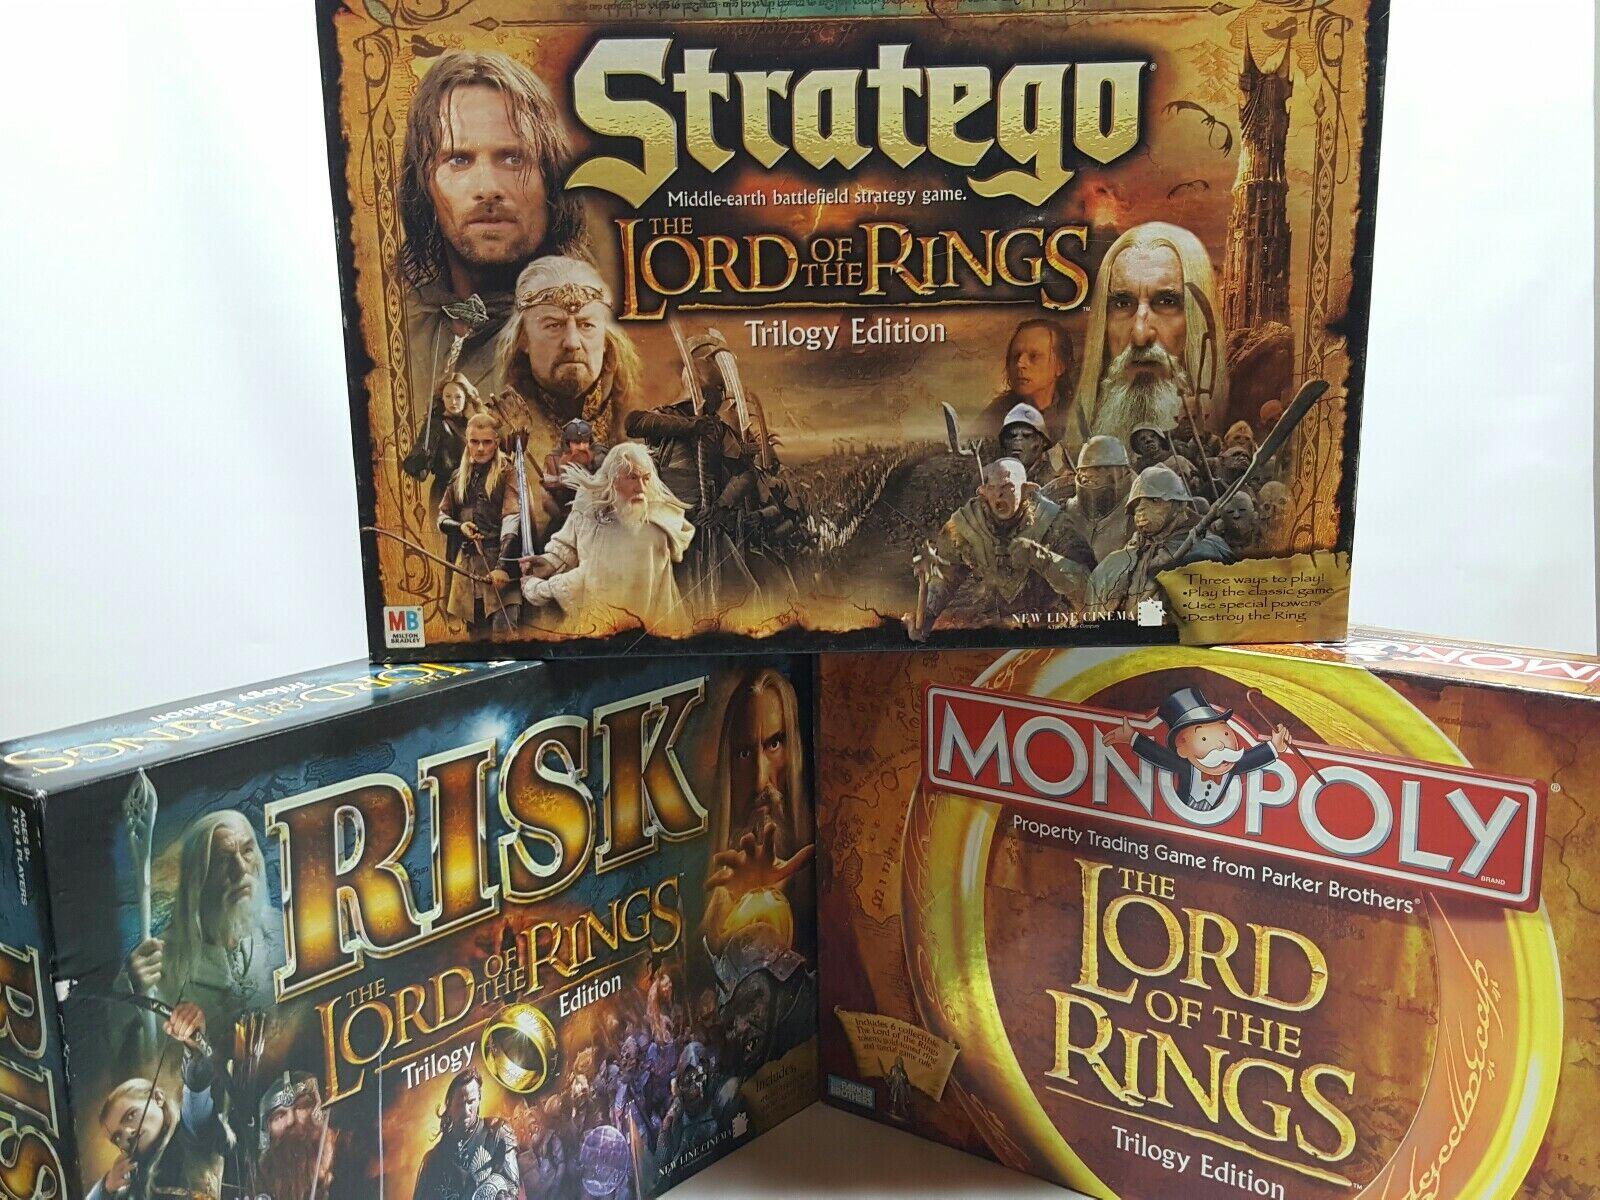 Lord  of the sacues Trilogy Edition 3x Jeu de Plateau Lot risque monopole Stratego excellent état utilisé  expédition rapide à vous